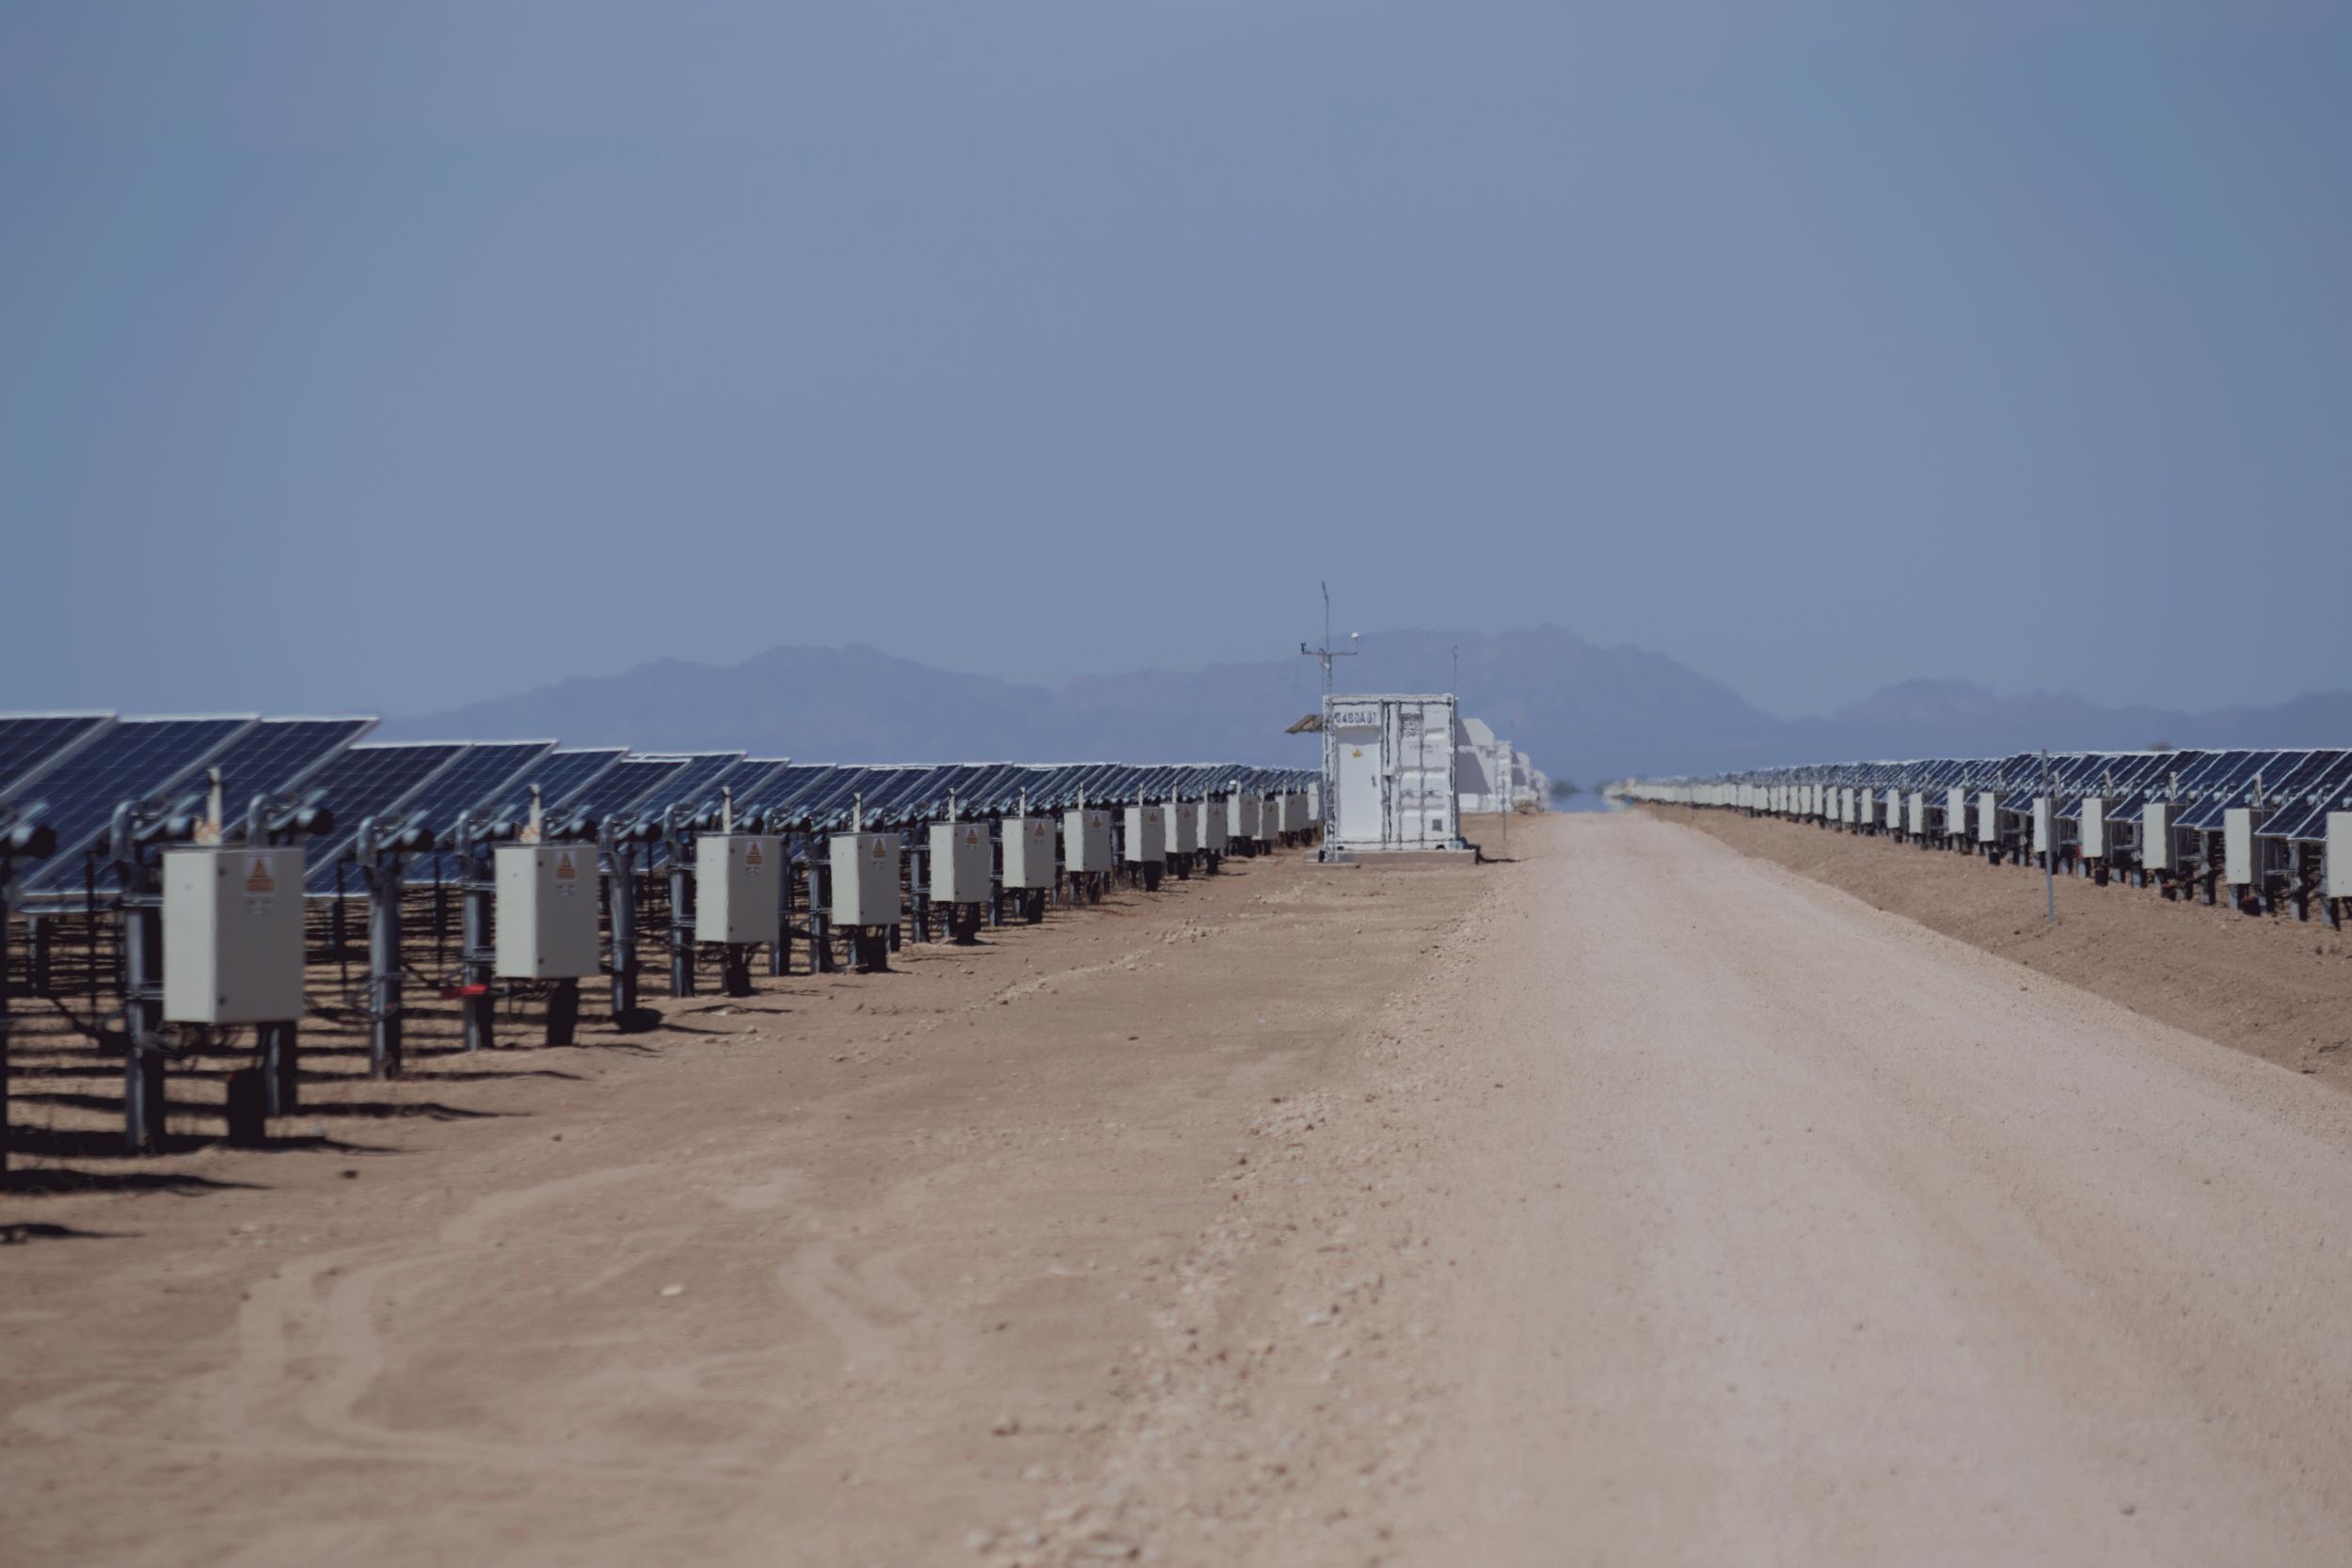 La Orejana, infraestructura fotovoltaica a gran escala en Sonora - PV MagazineAgosto 2019